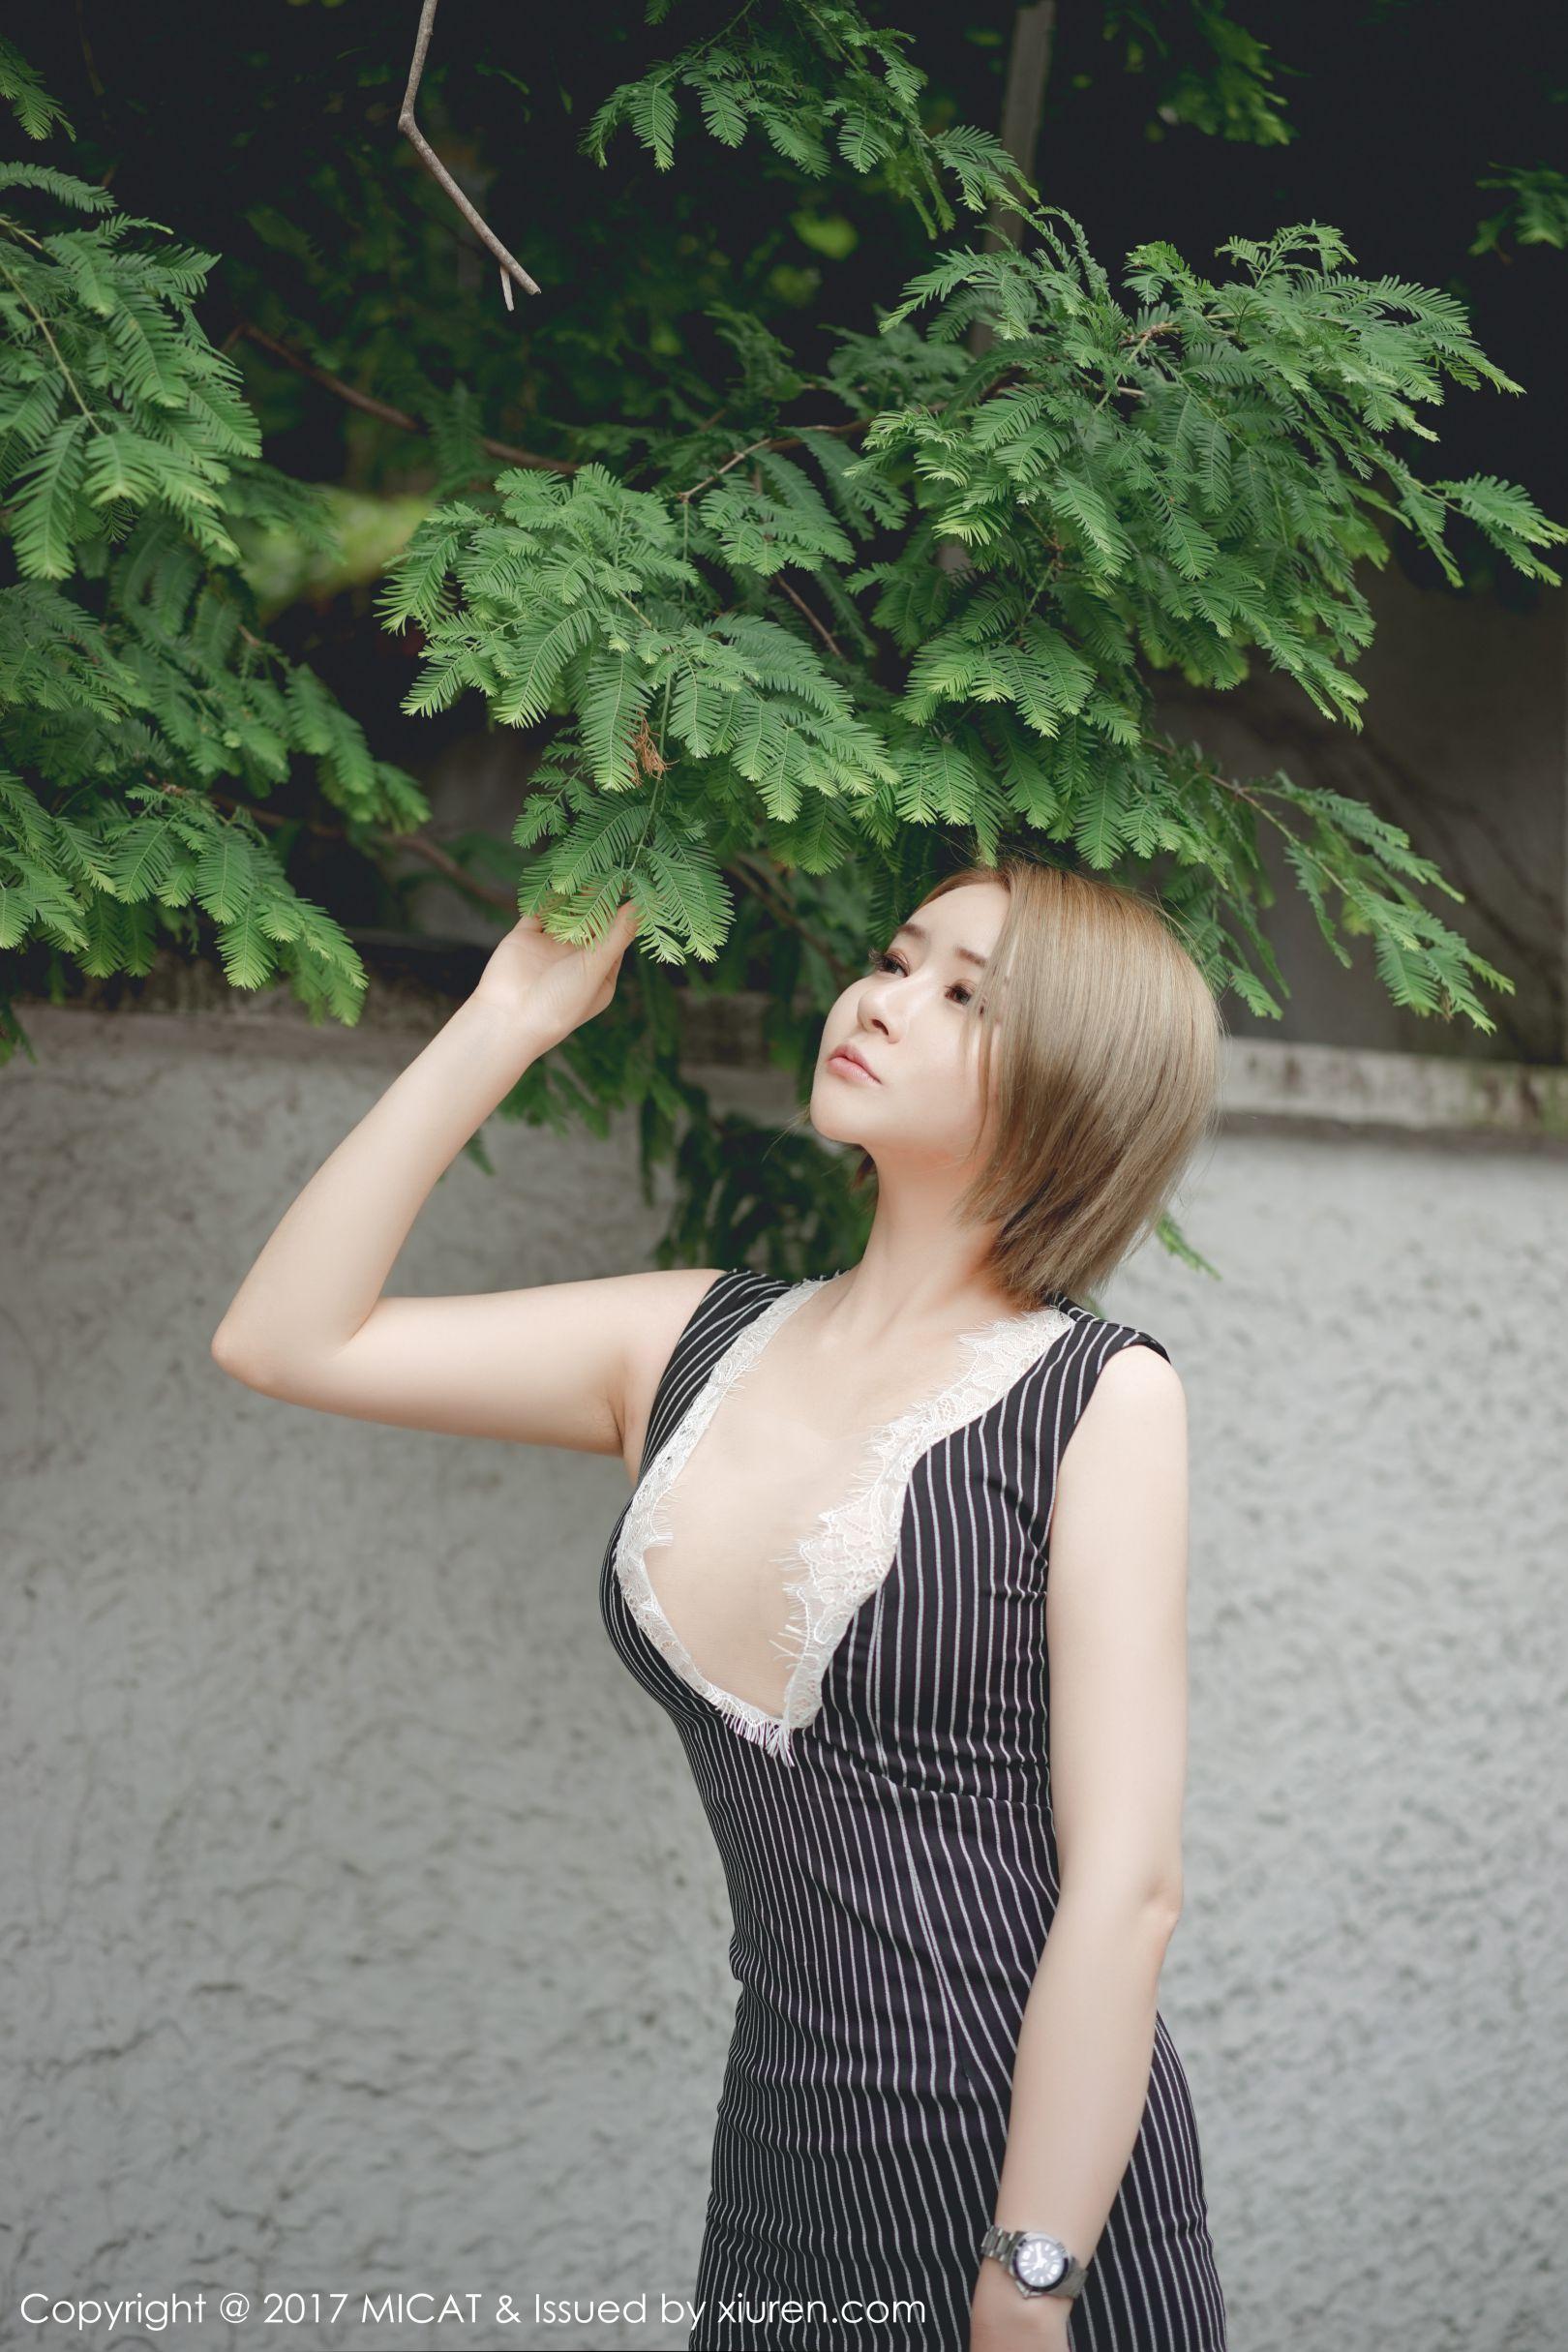 凯竹BuiBui - 性感街拍+蕾丝内衣